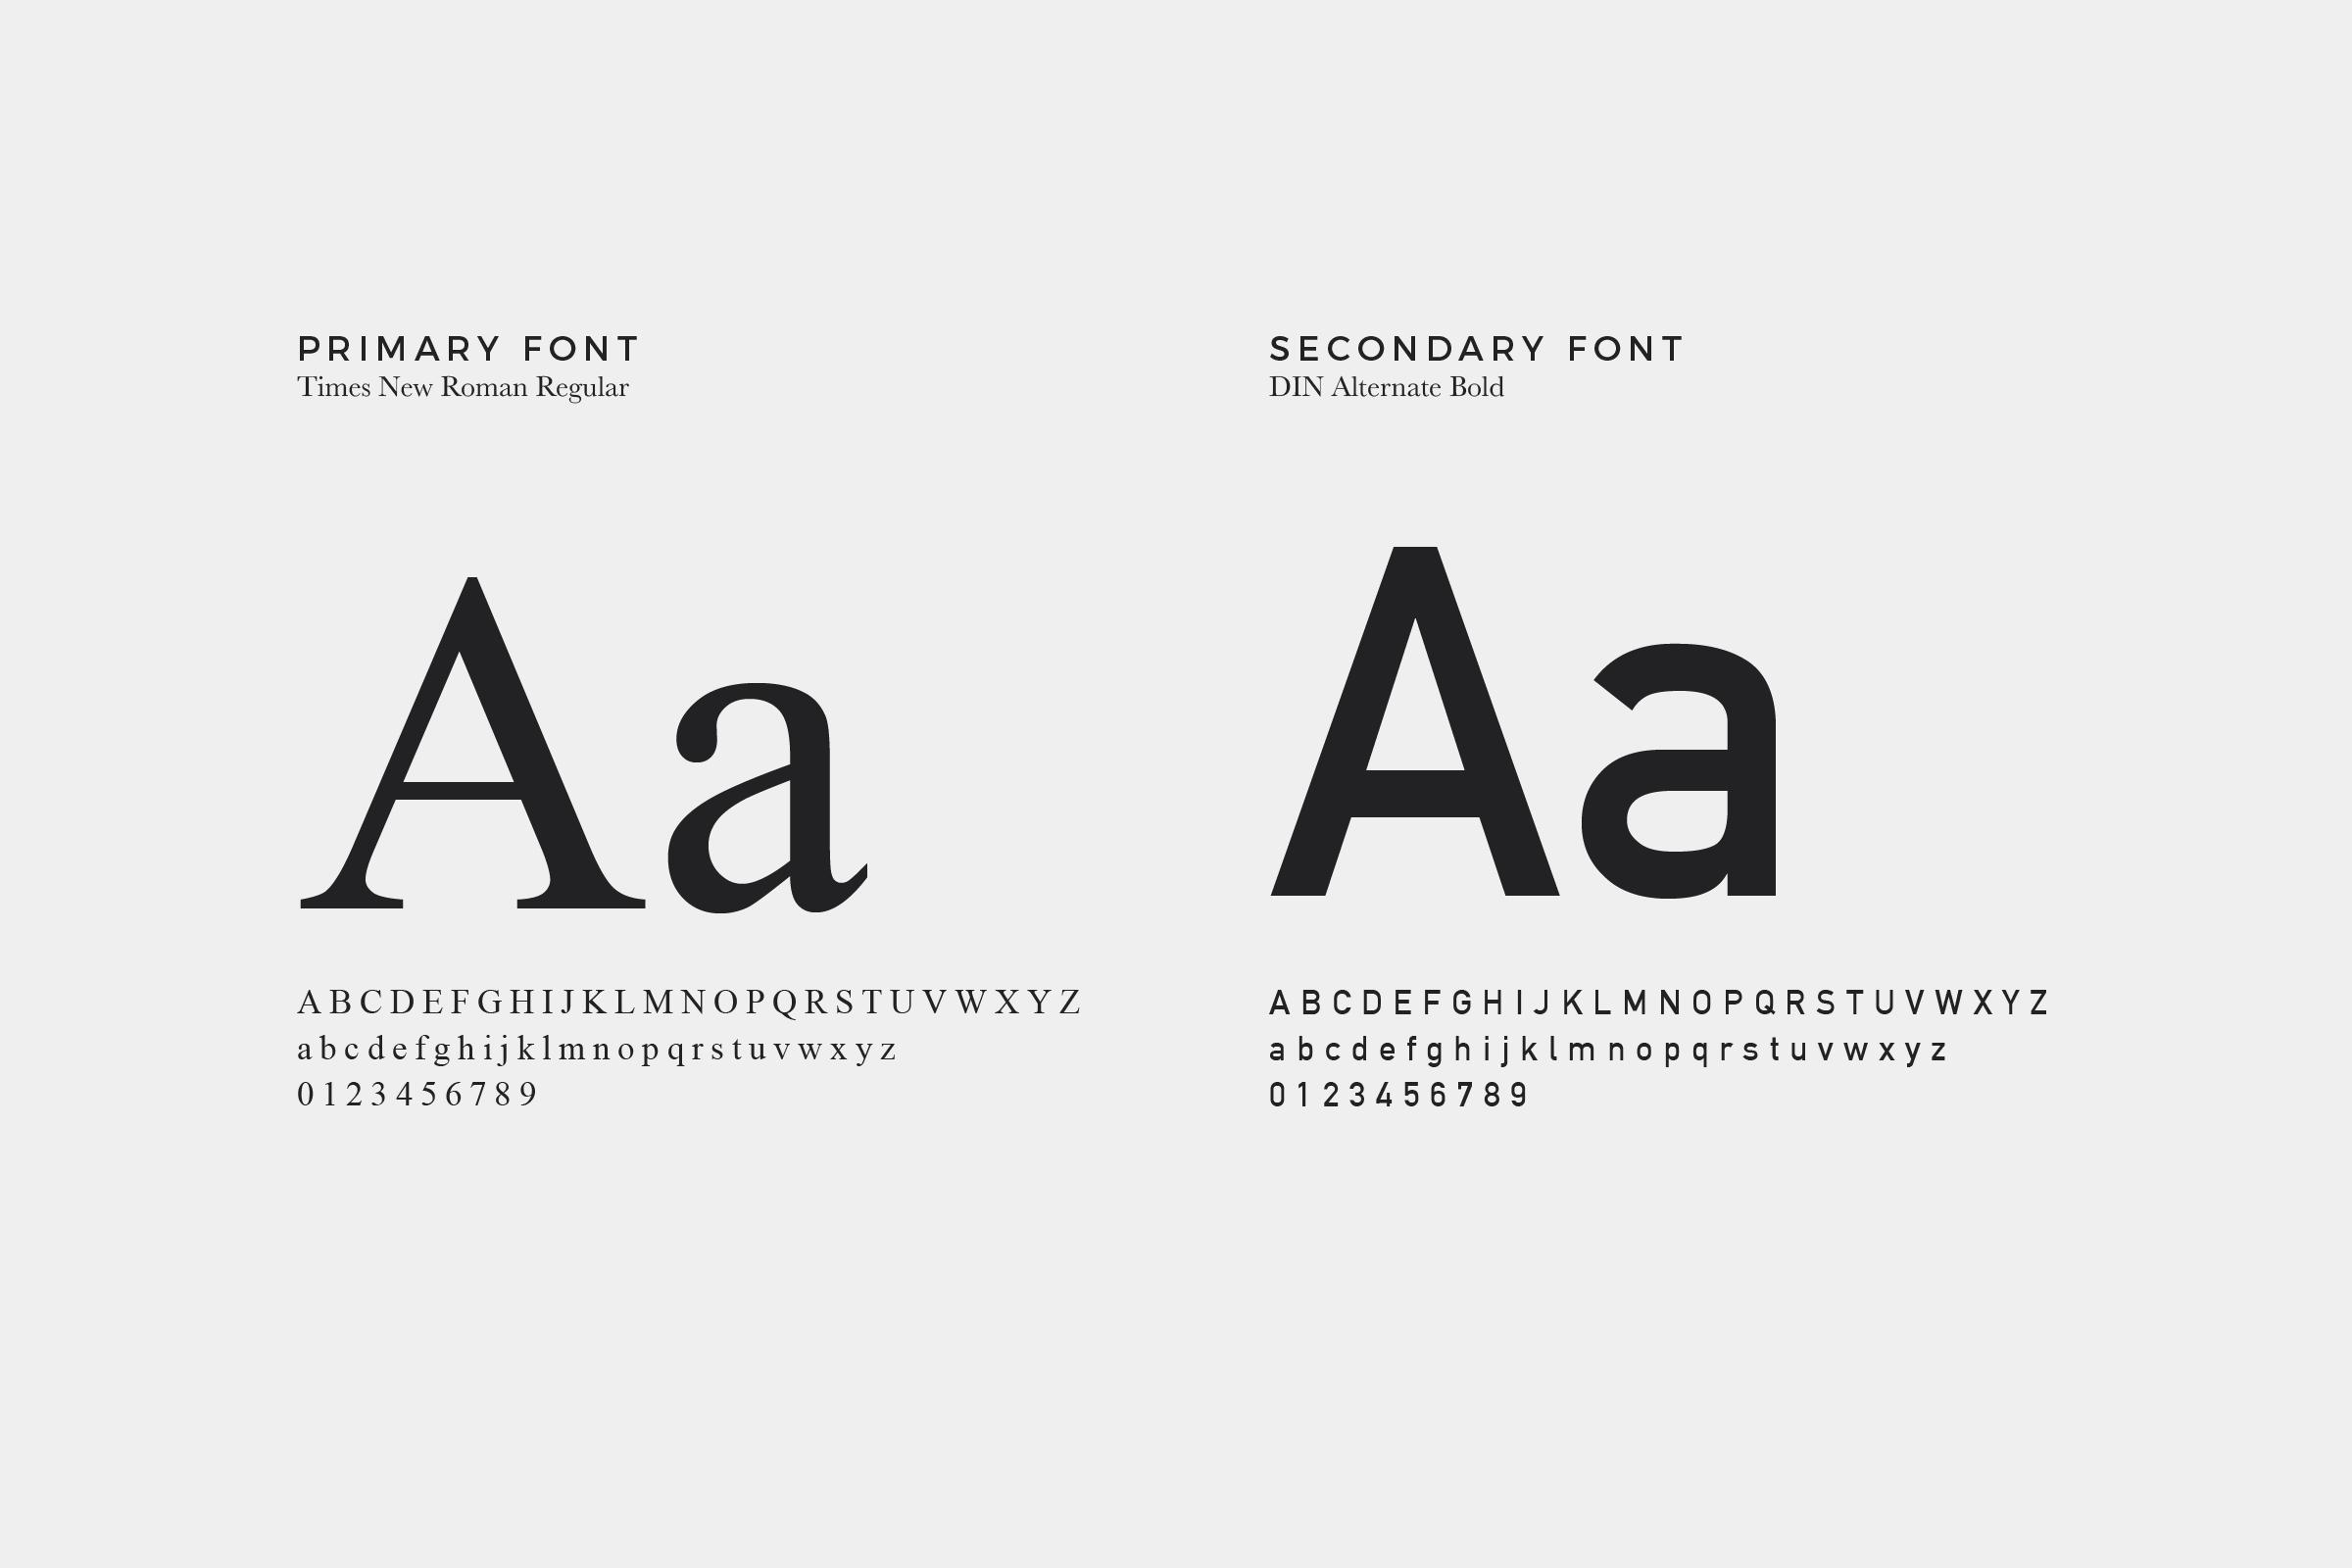 Hipster Font Combertation